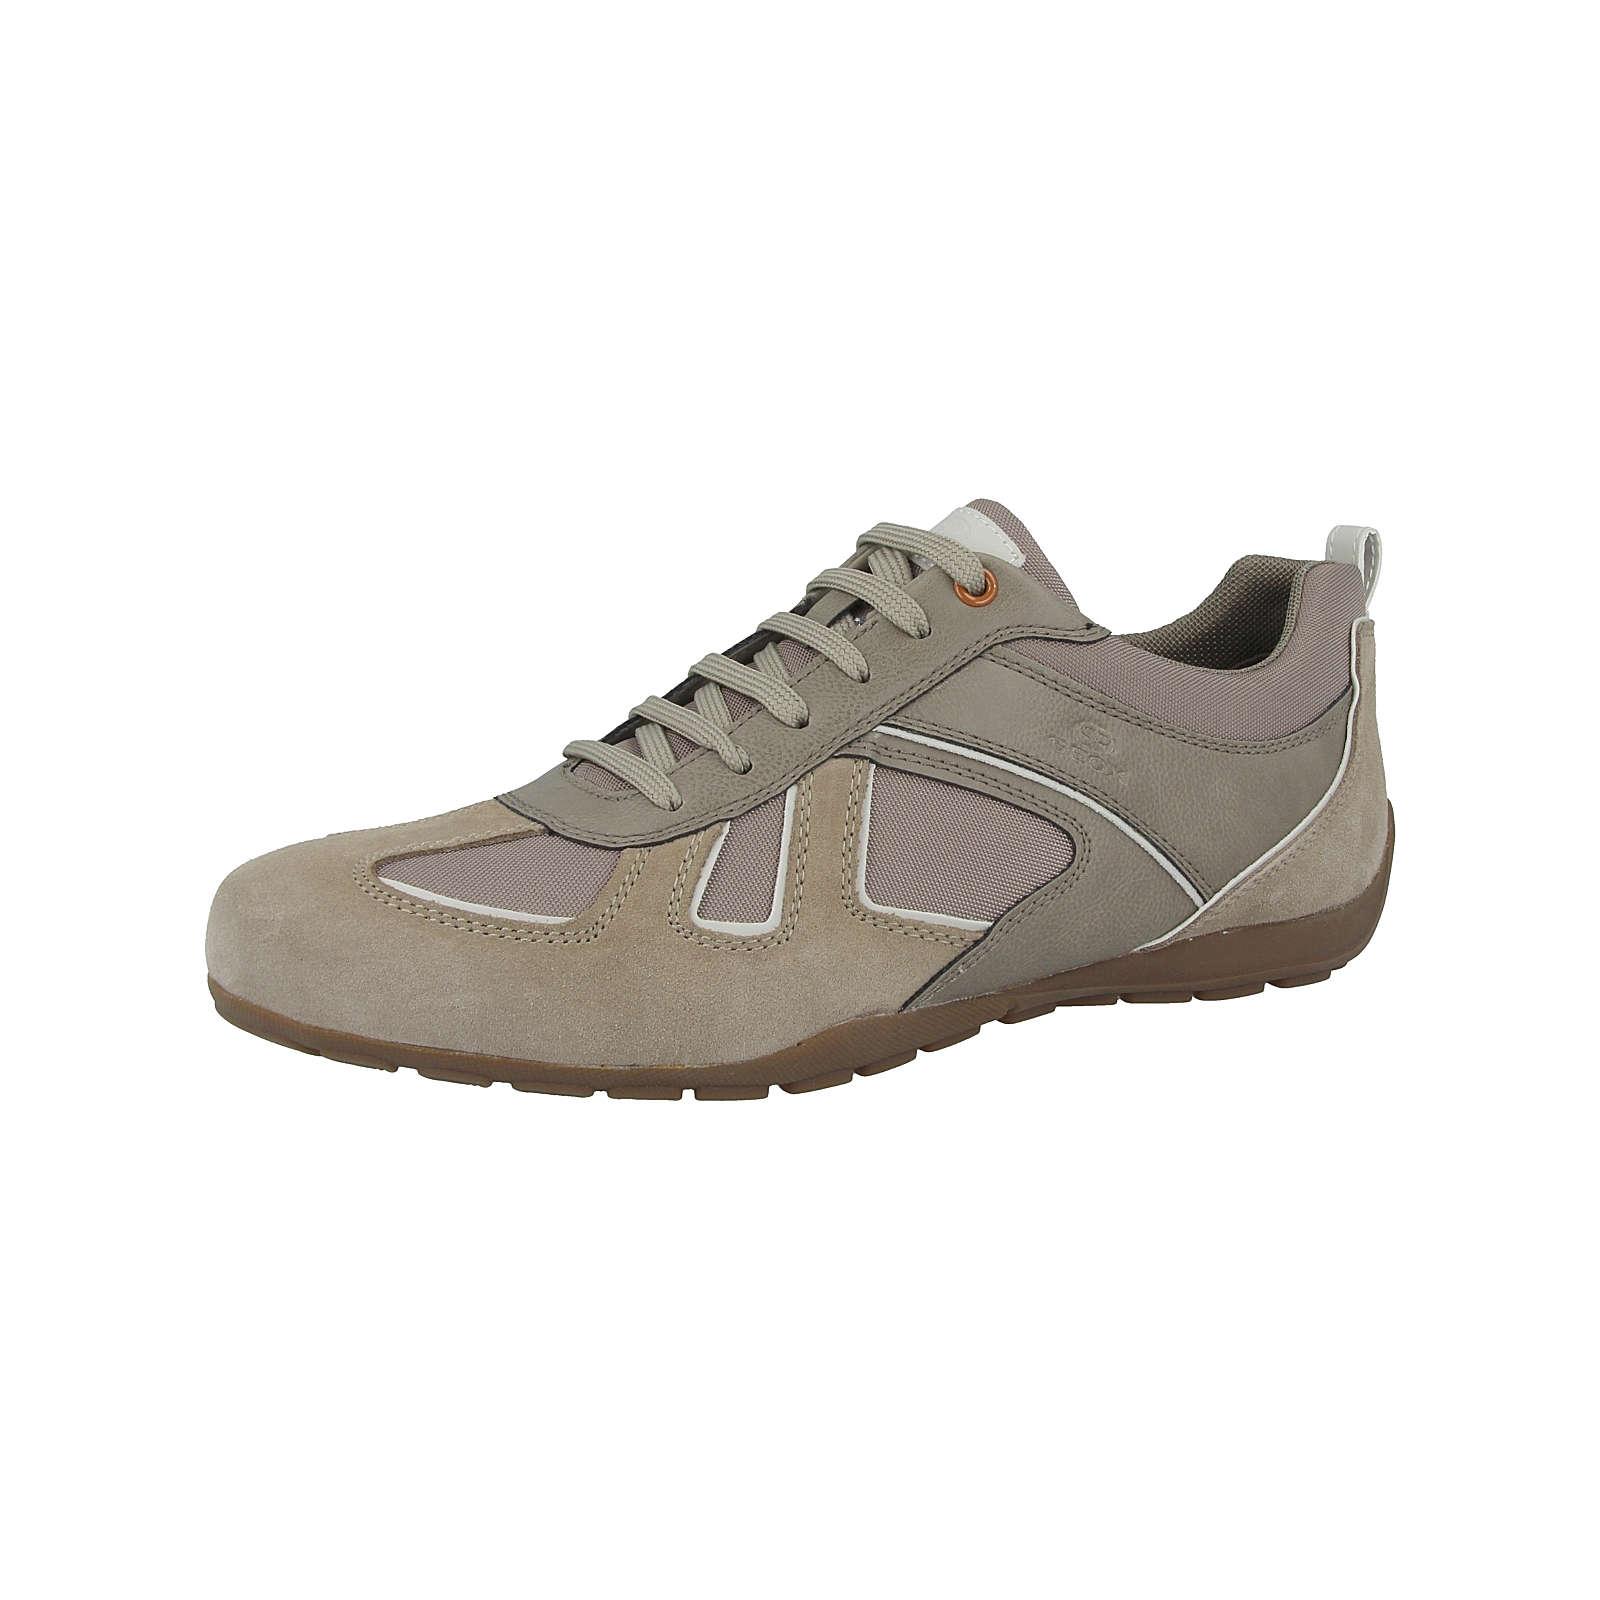 GEOX Schuhe U Ravex D Sneakers Low beige Herren Gr. 42